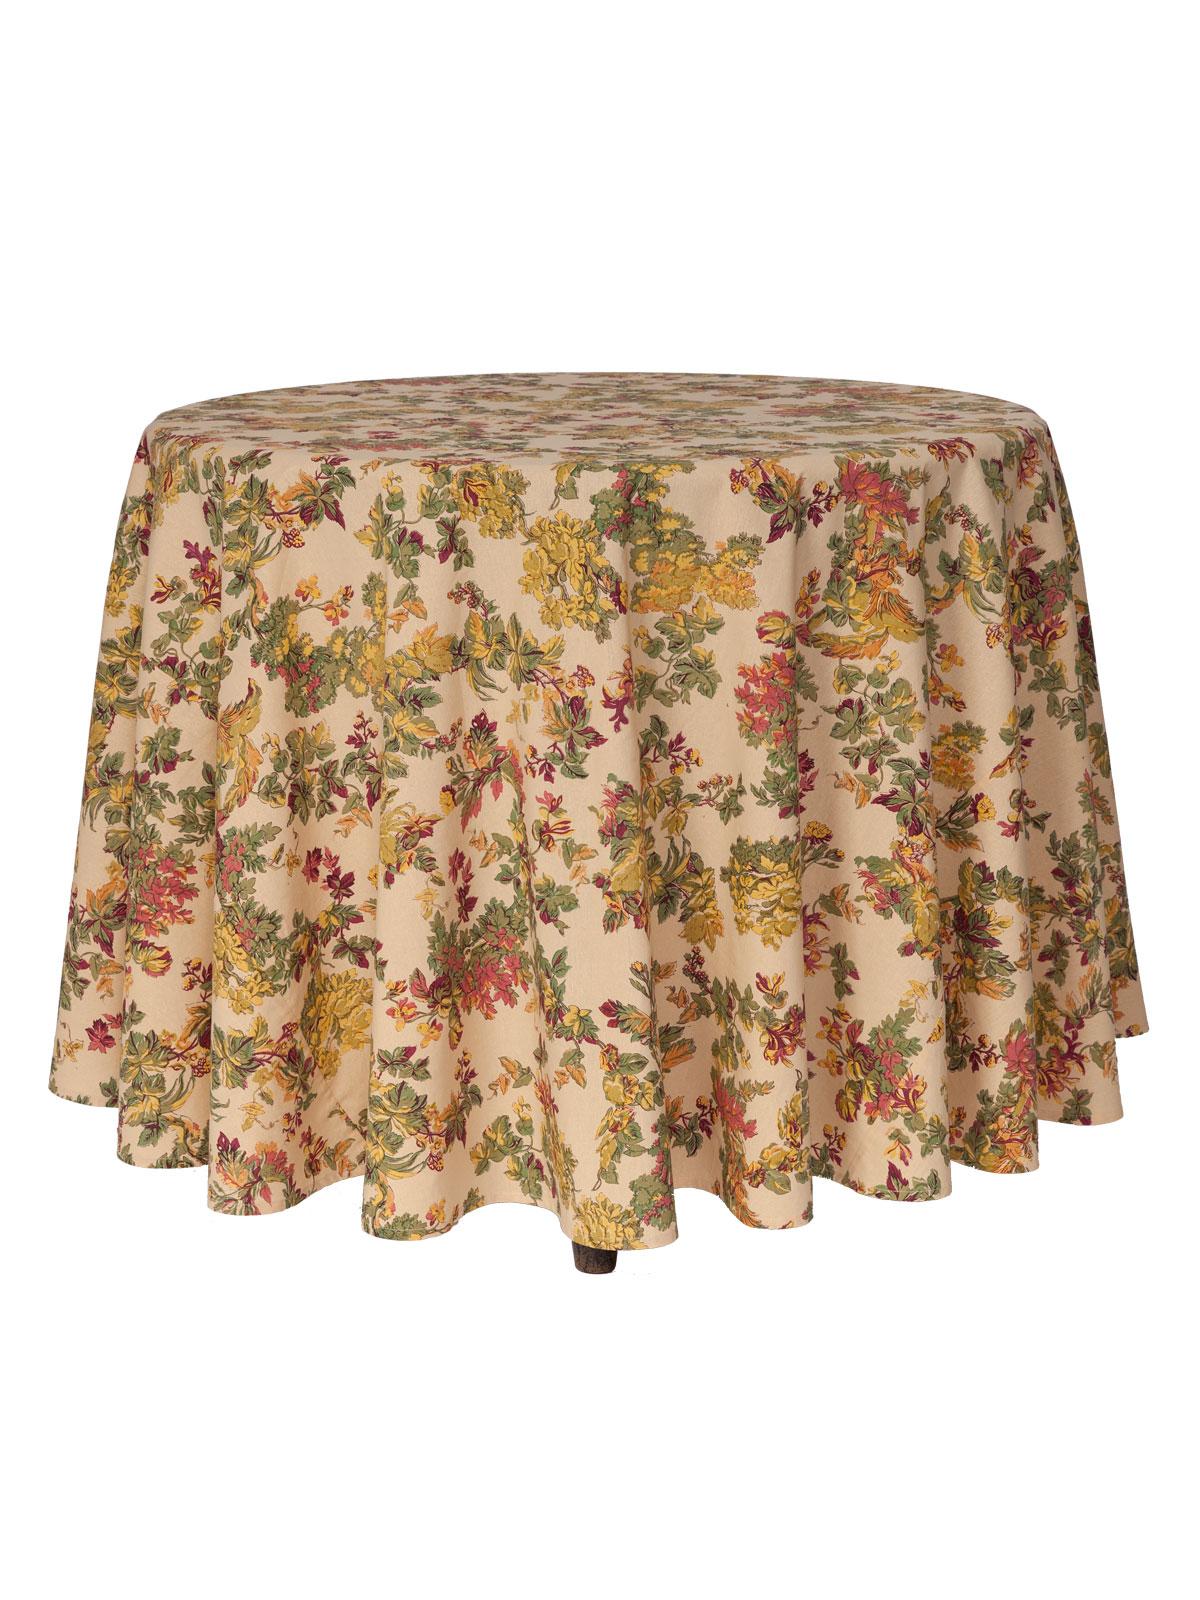 April Cornell Bedding Reverie Round Cloth | Attic Sale, Linens & Kitchen Attic ...